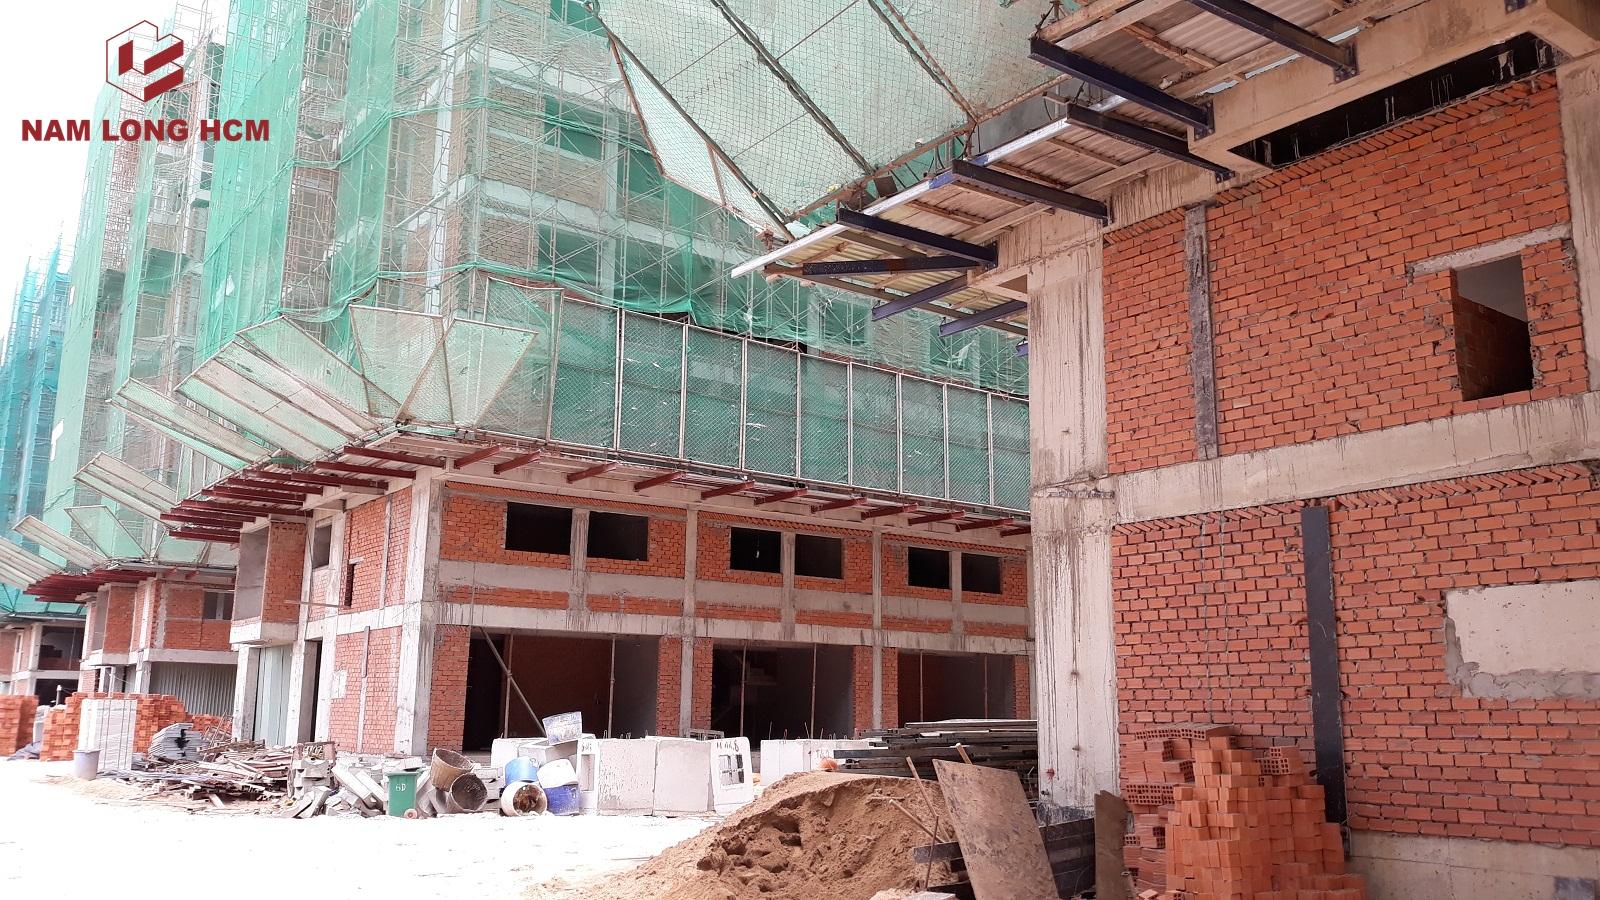 Tiến độ xây dựng dự án Ehome Mizuki - Nam Long Bình Chánh. Ảnh: Nam Long HCM